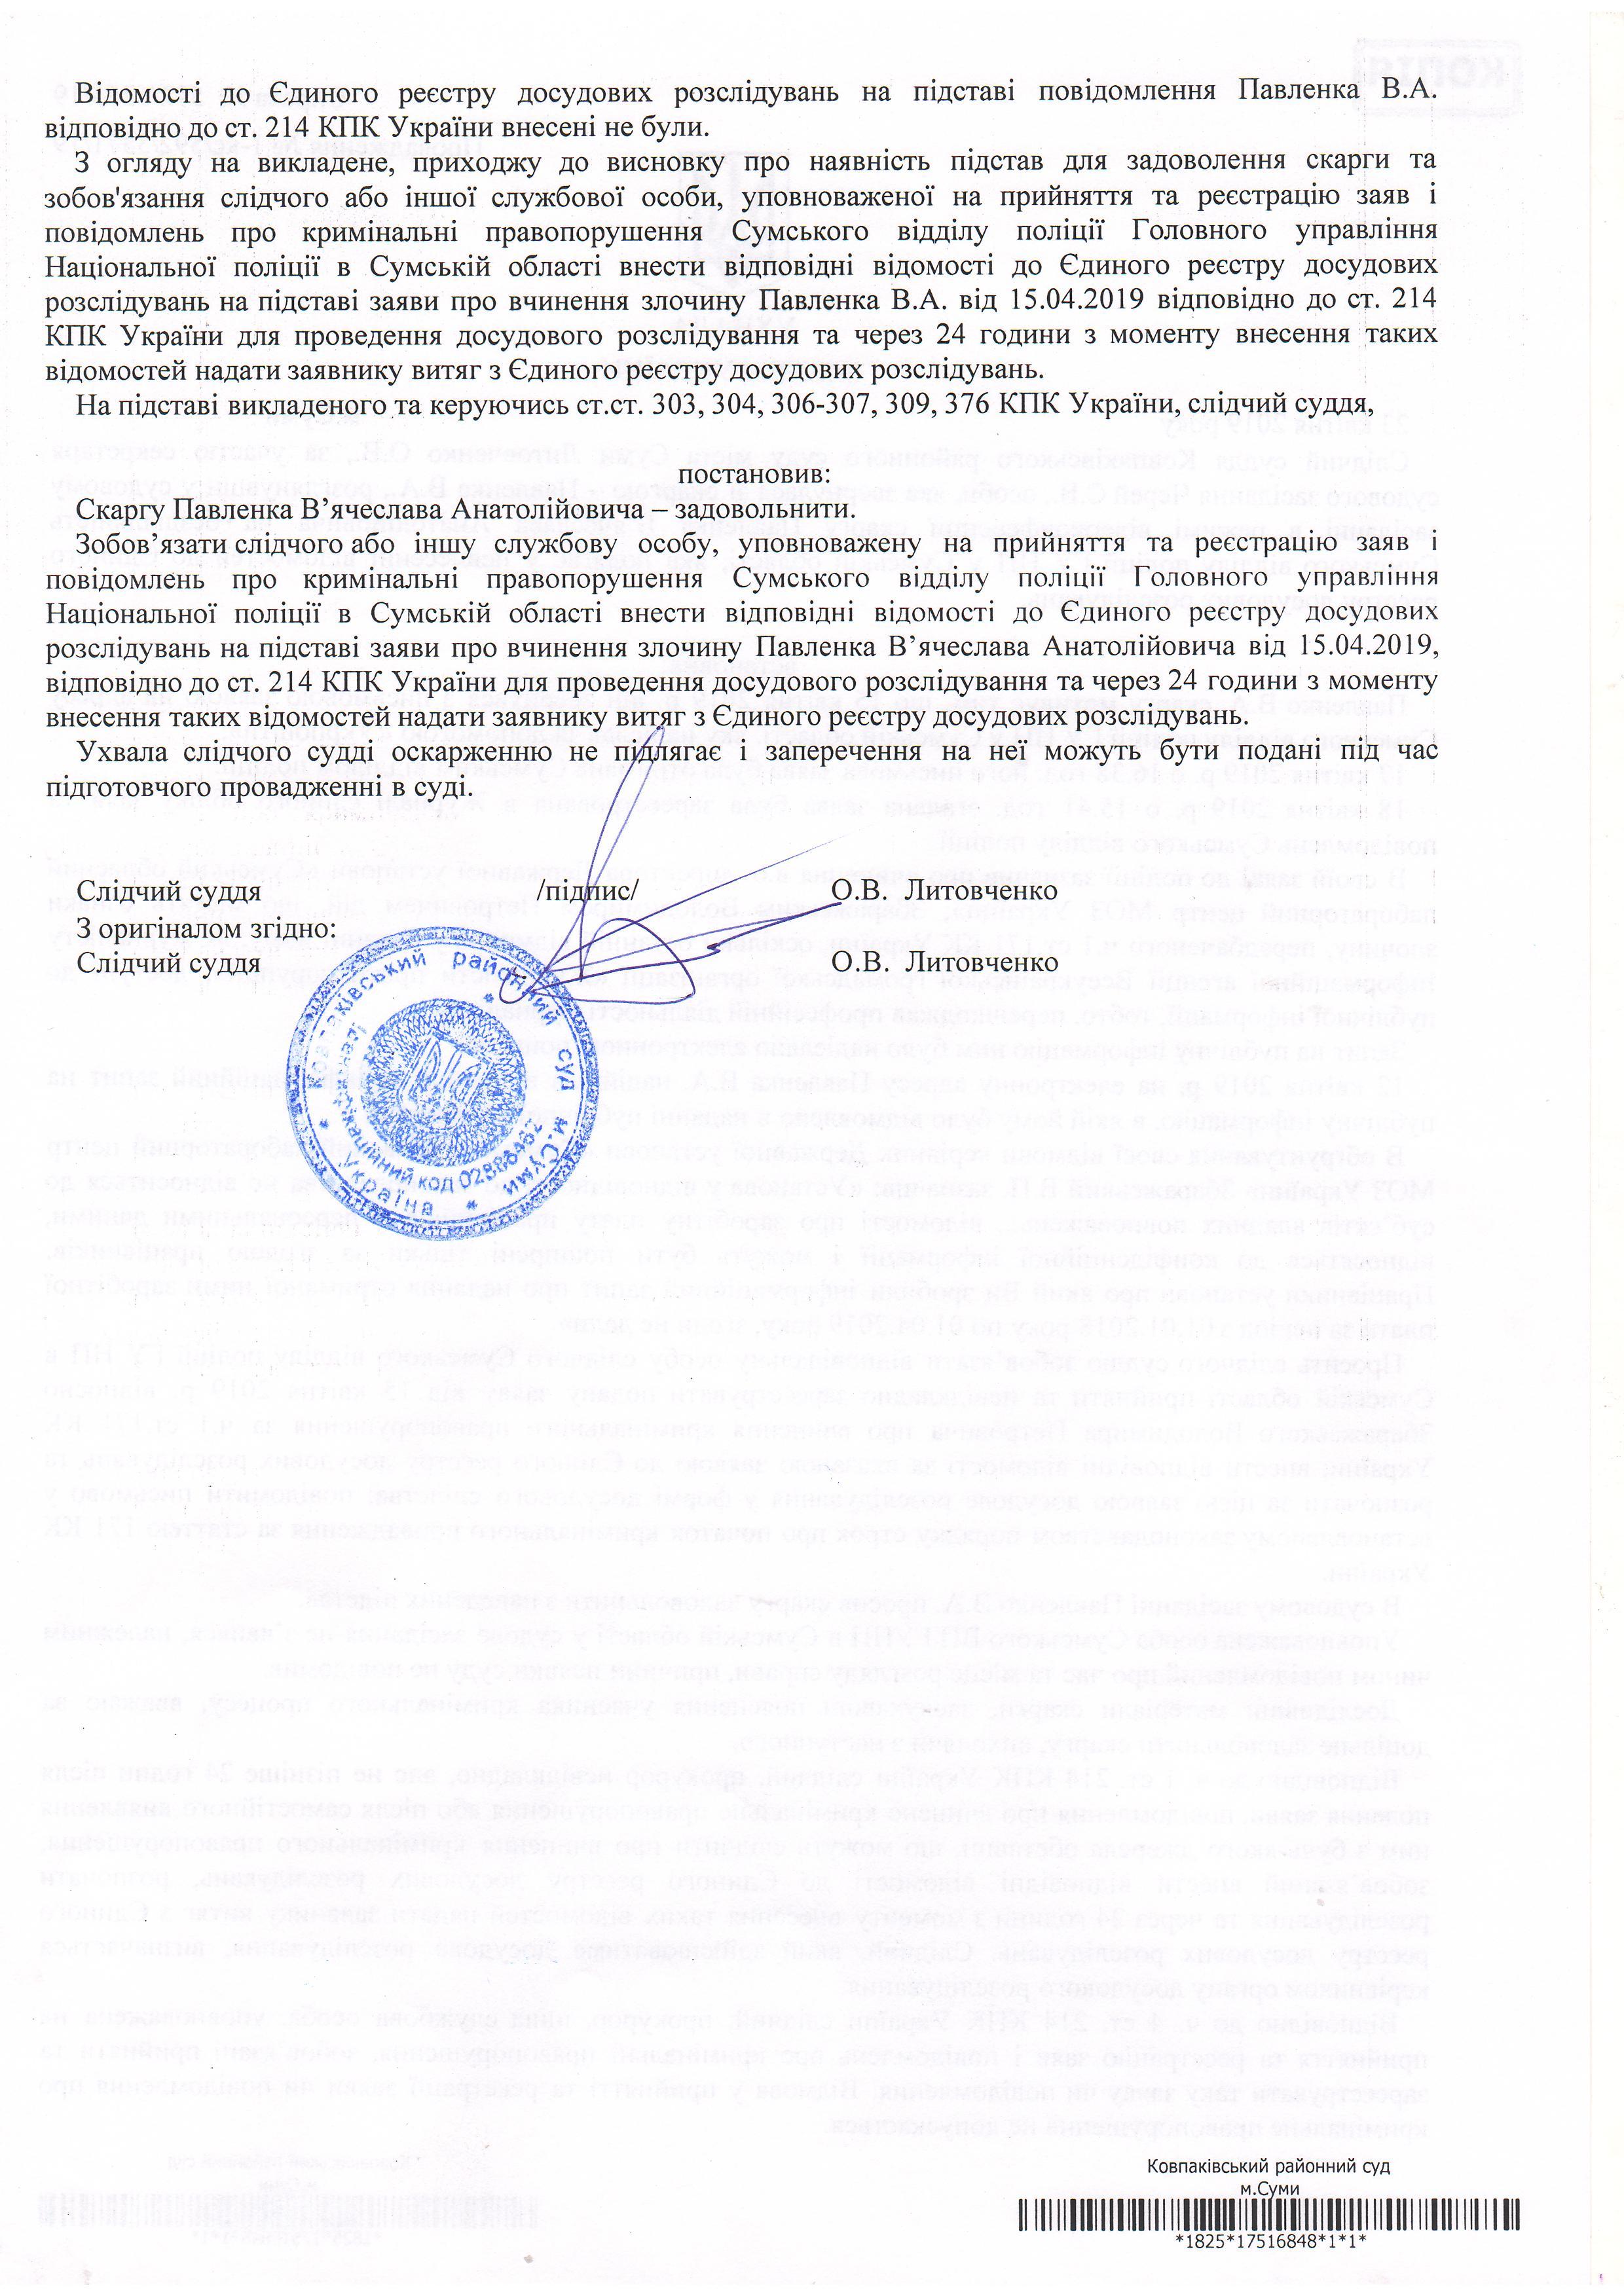 ухвала Павленко - 0002